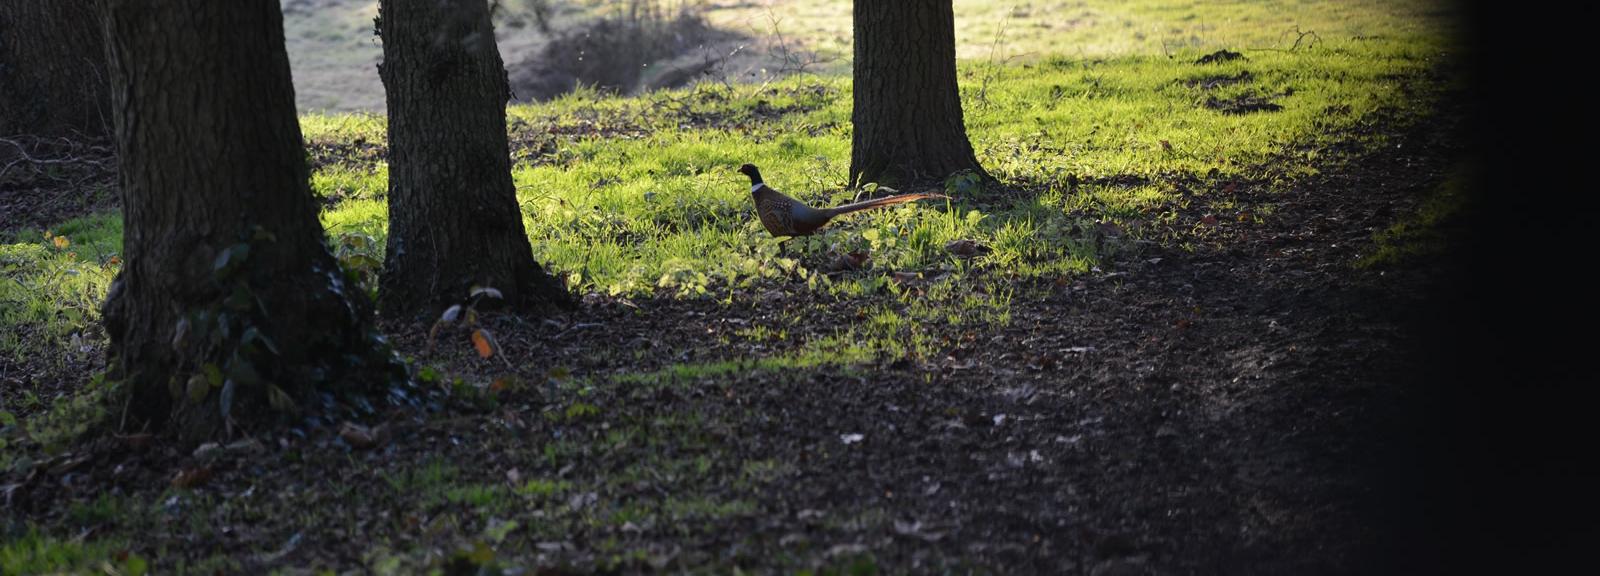 Faisan de Colchide à l'Arboretum de Versailles-Chèvreloup © MNHN - S. Gerbault